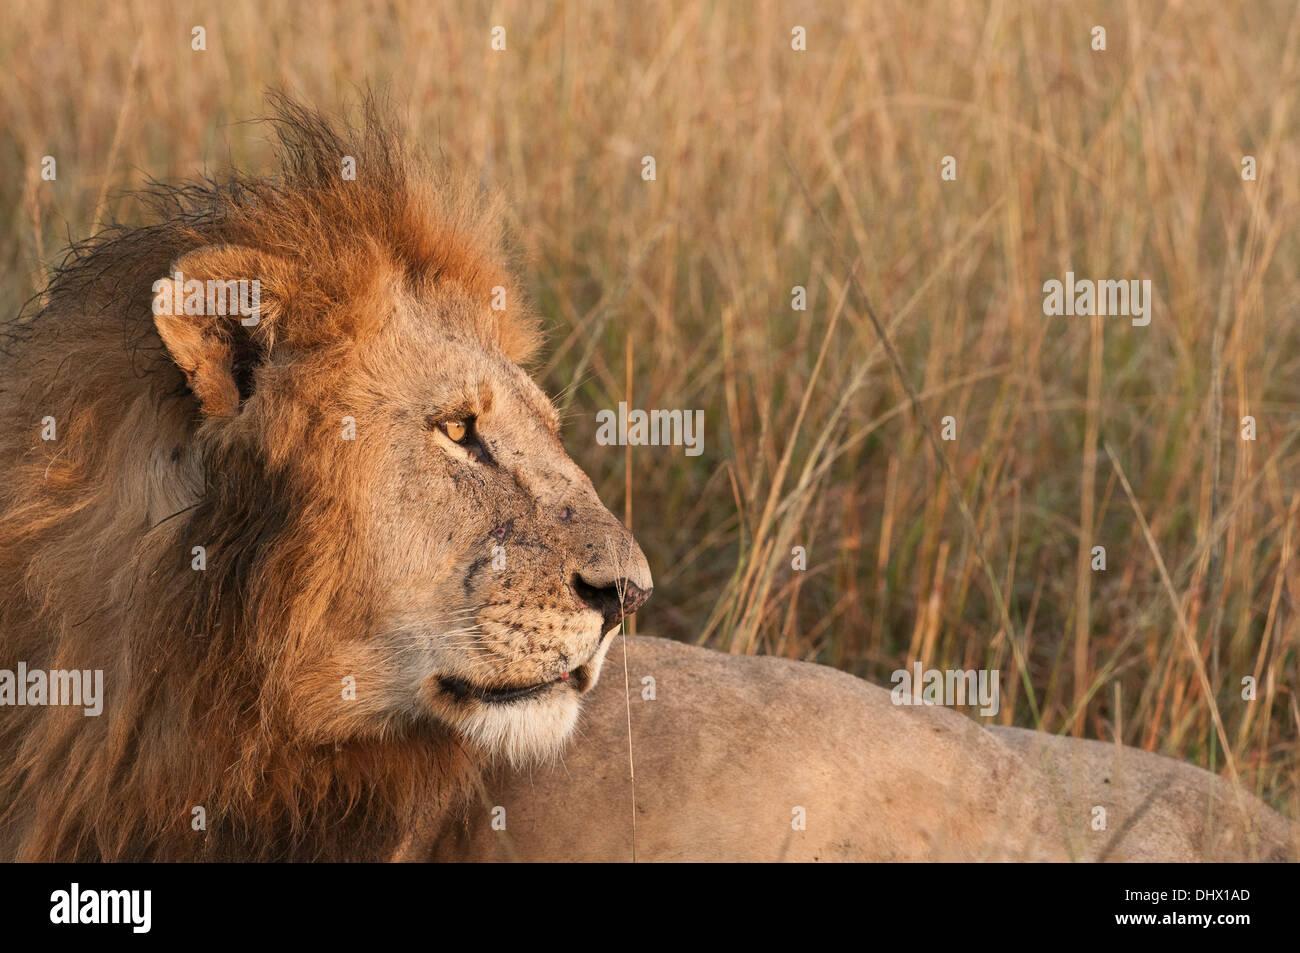 León macho sólo despierta después del primer semáforo y compañeros en la distancia como el sol se eleva y comienza un nuevo día en la Mara de Kenia. Imagen De Stock